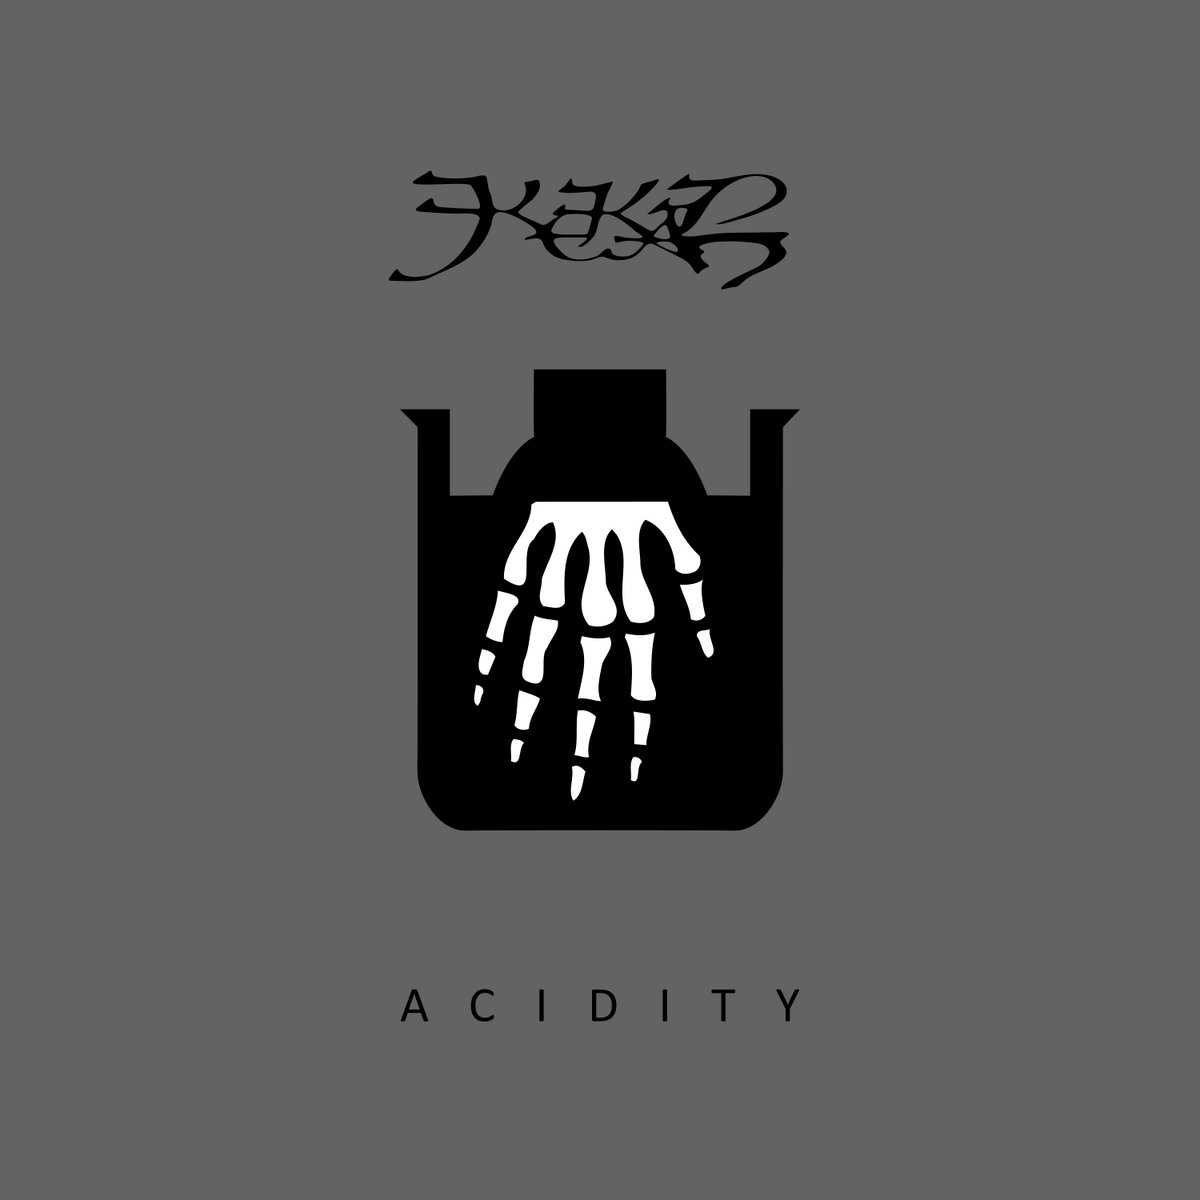 Kekal — Acidity